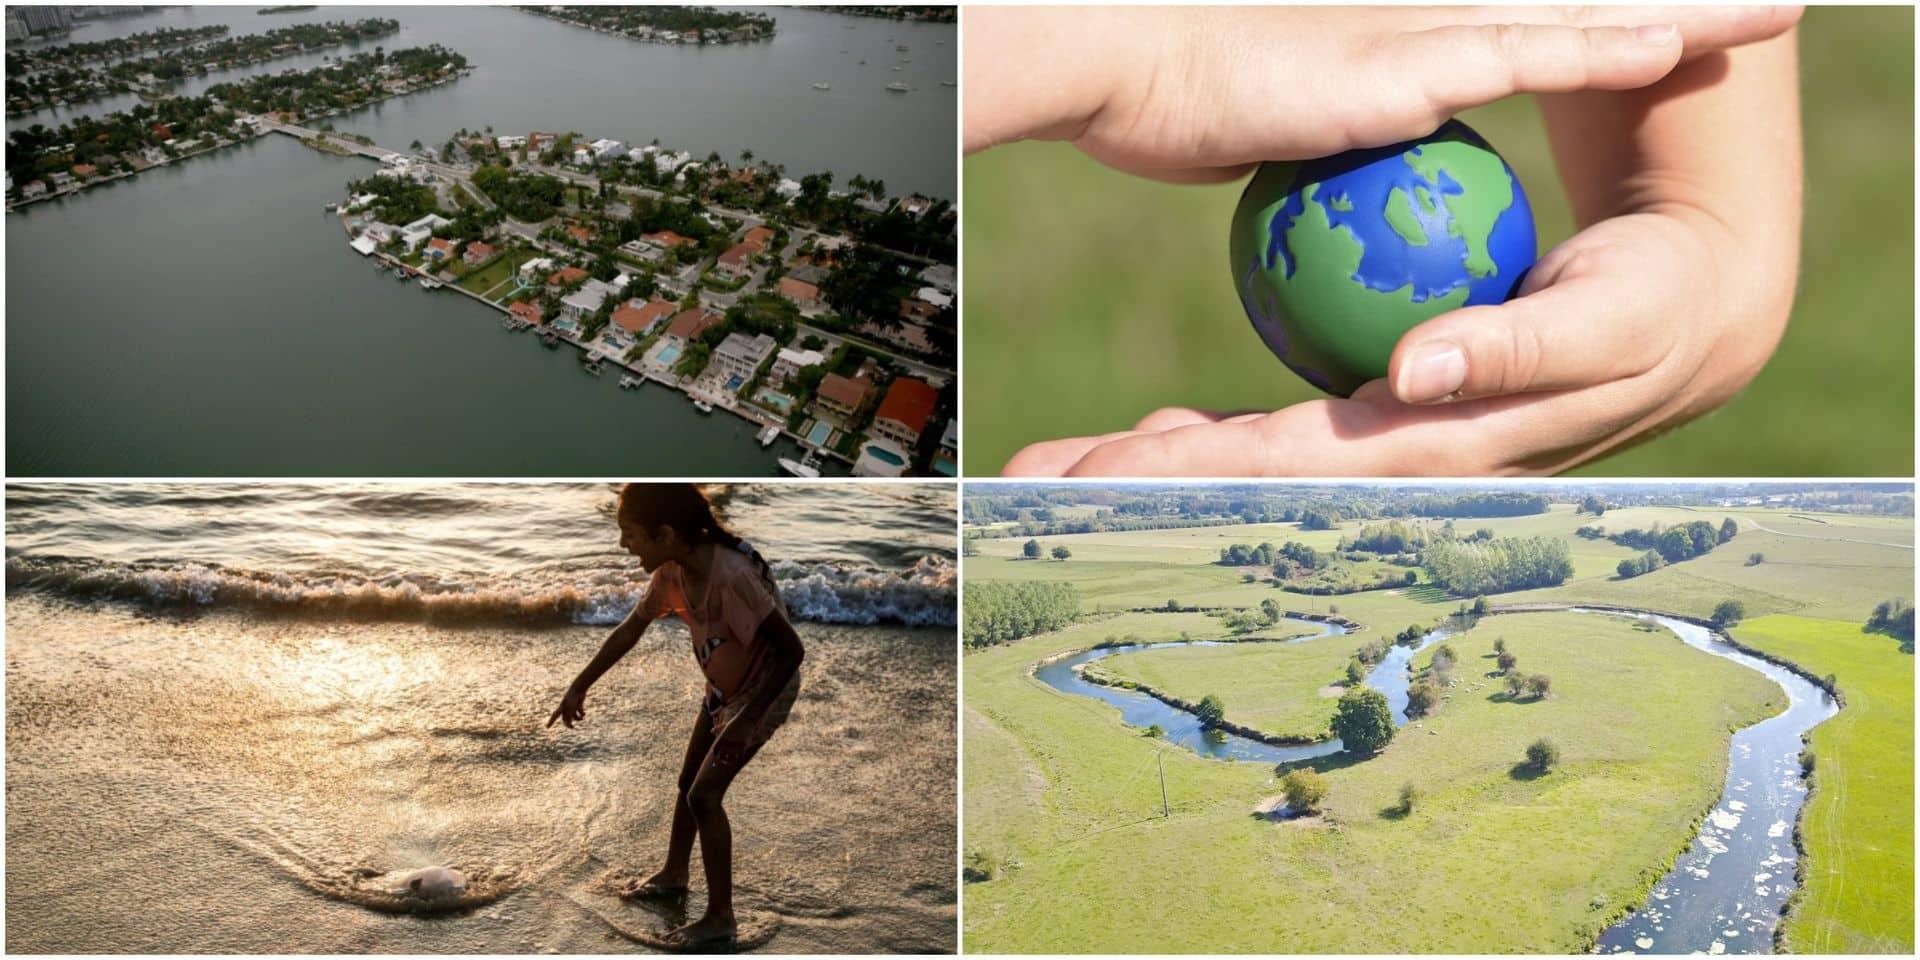 """11.000 scientifiques mettent en garde face à la """"crise climatique"""": """"L'humanité s'expose à des souffrances sans nom"""""""